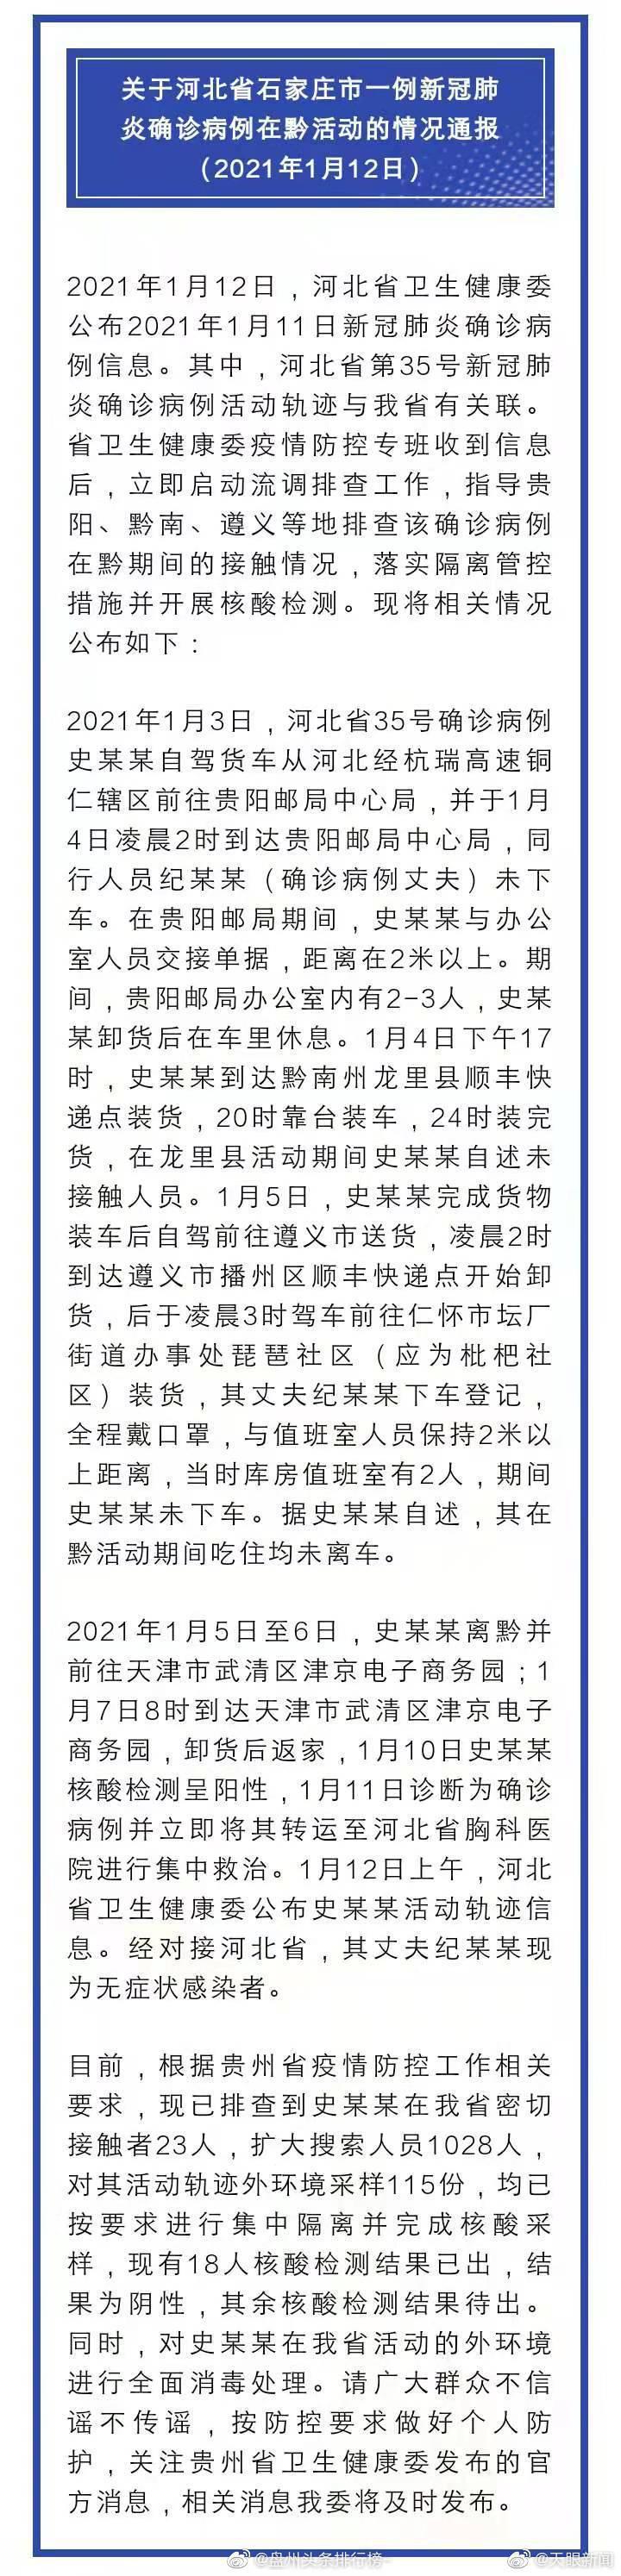 贵州茅台再度澄清河北确诊病例未到过茅台酒厂